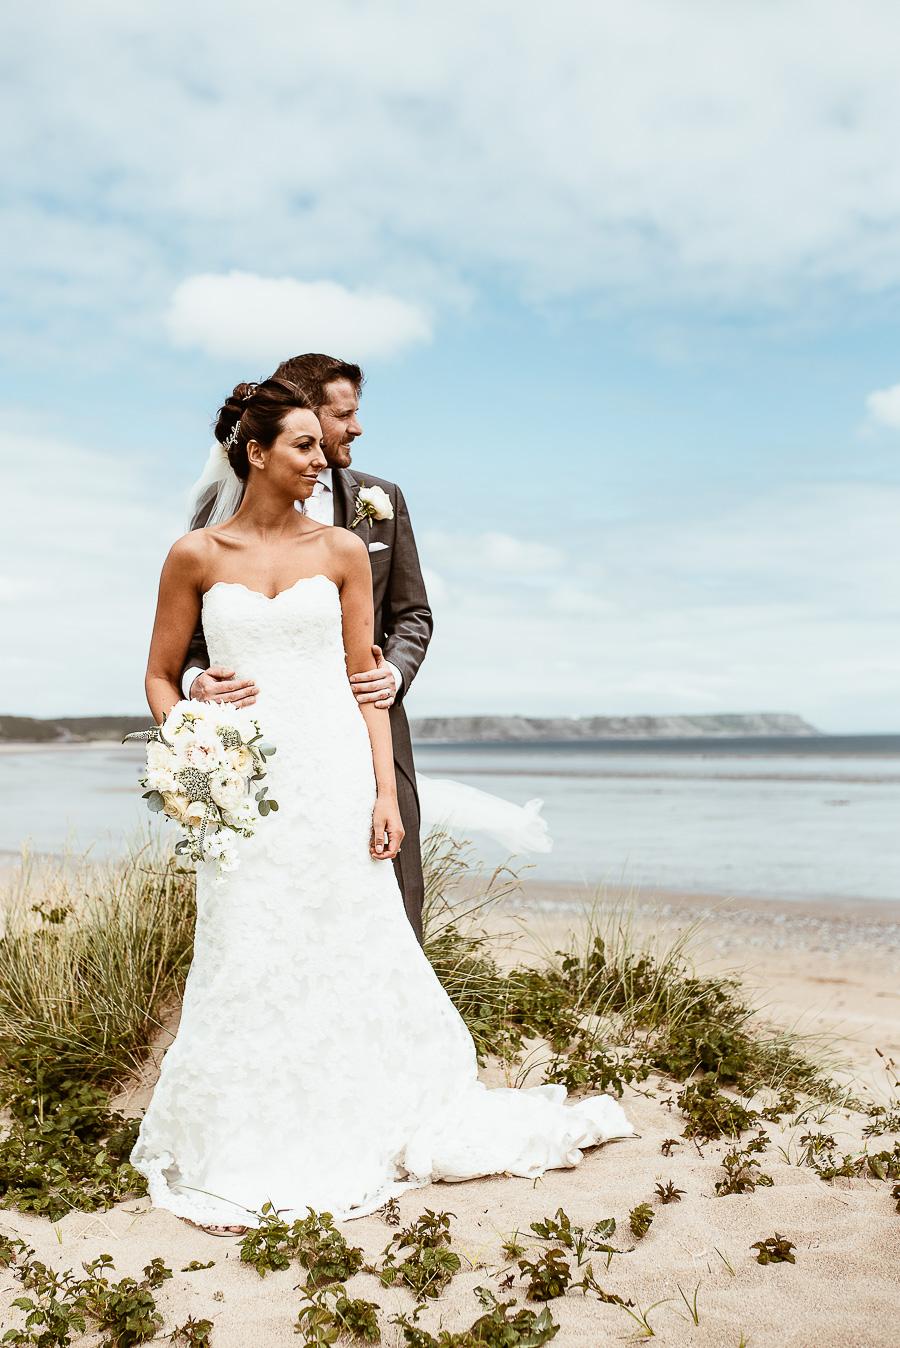 OurBeautifulAdventure-OxwichBayWedding-Weddingphotography-0959.jpg